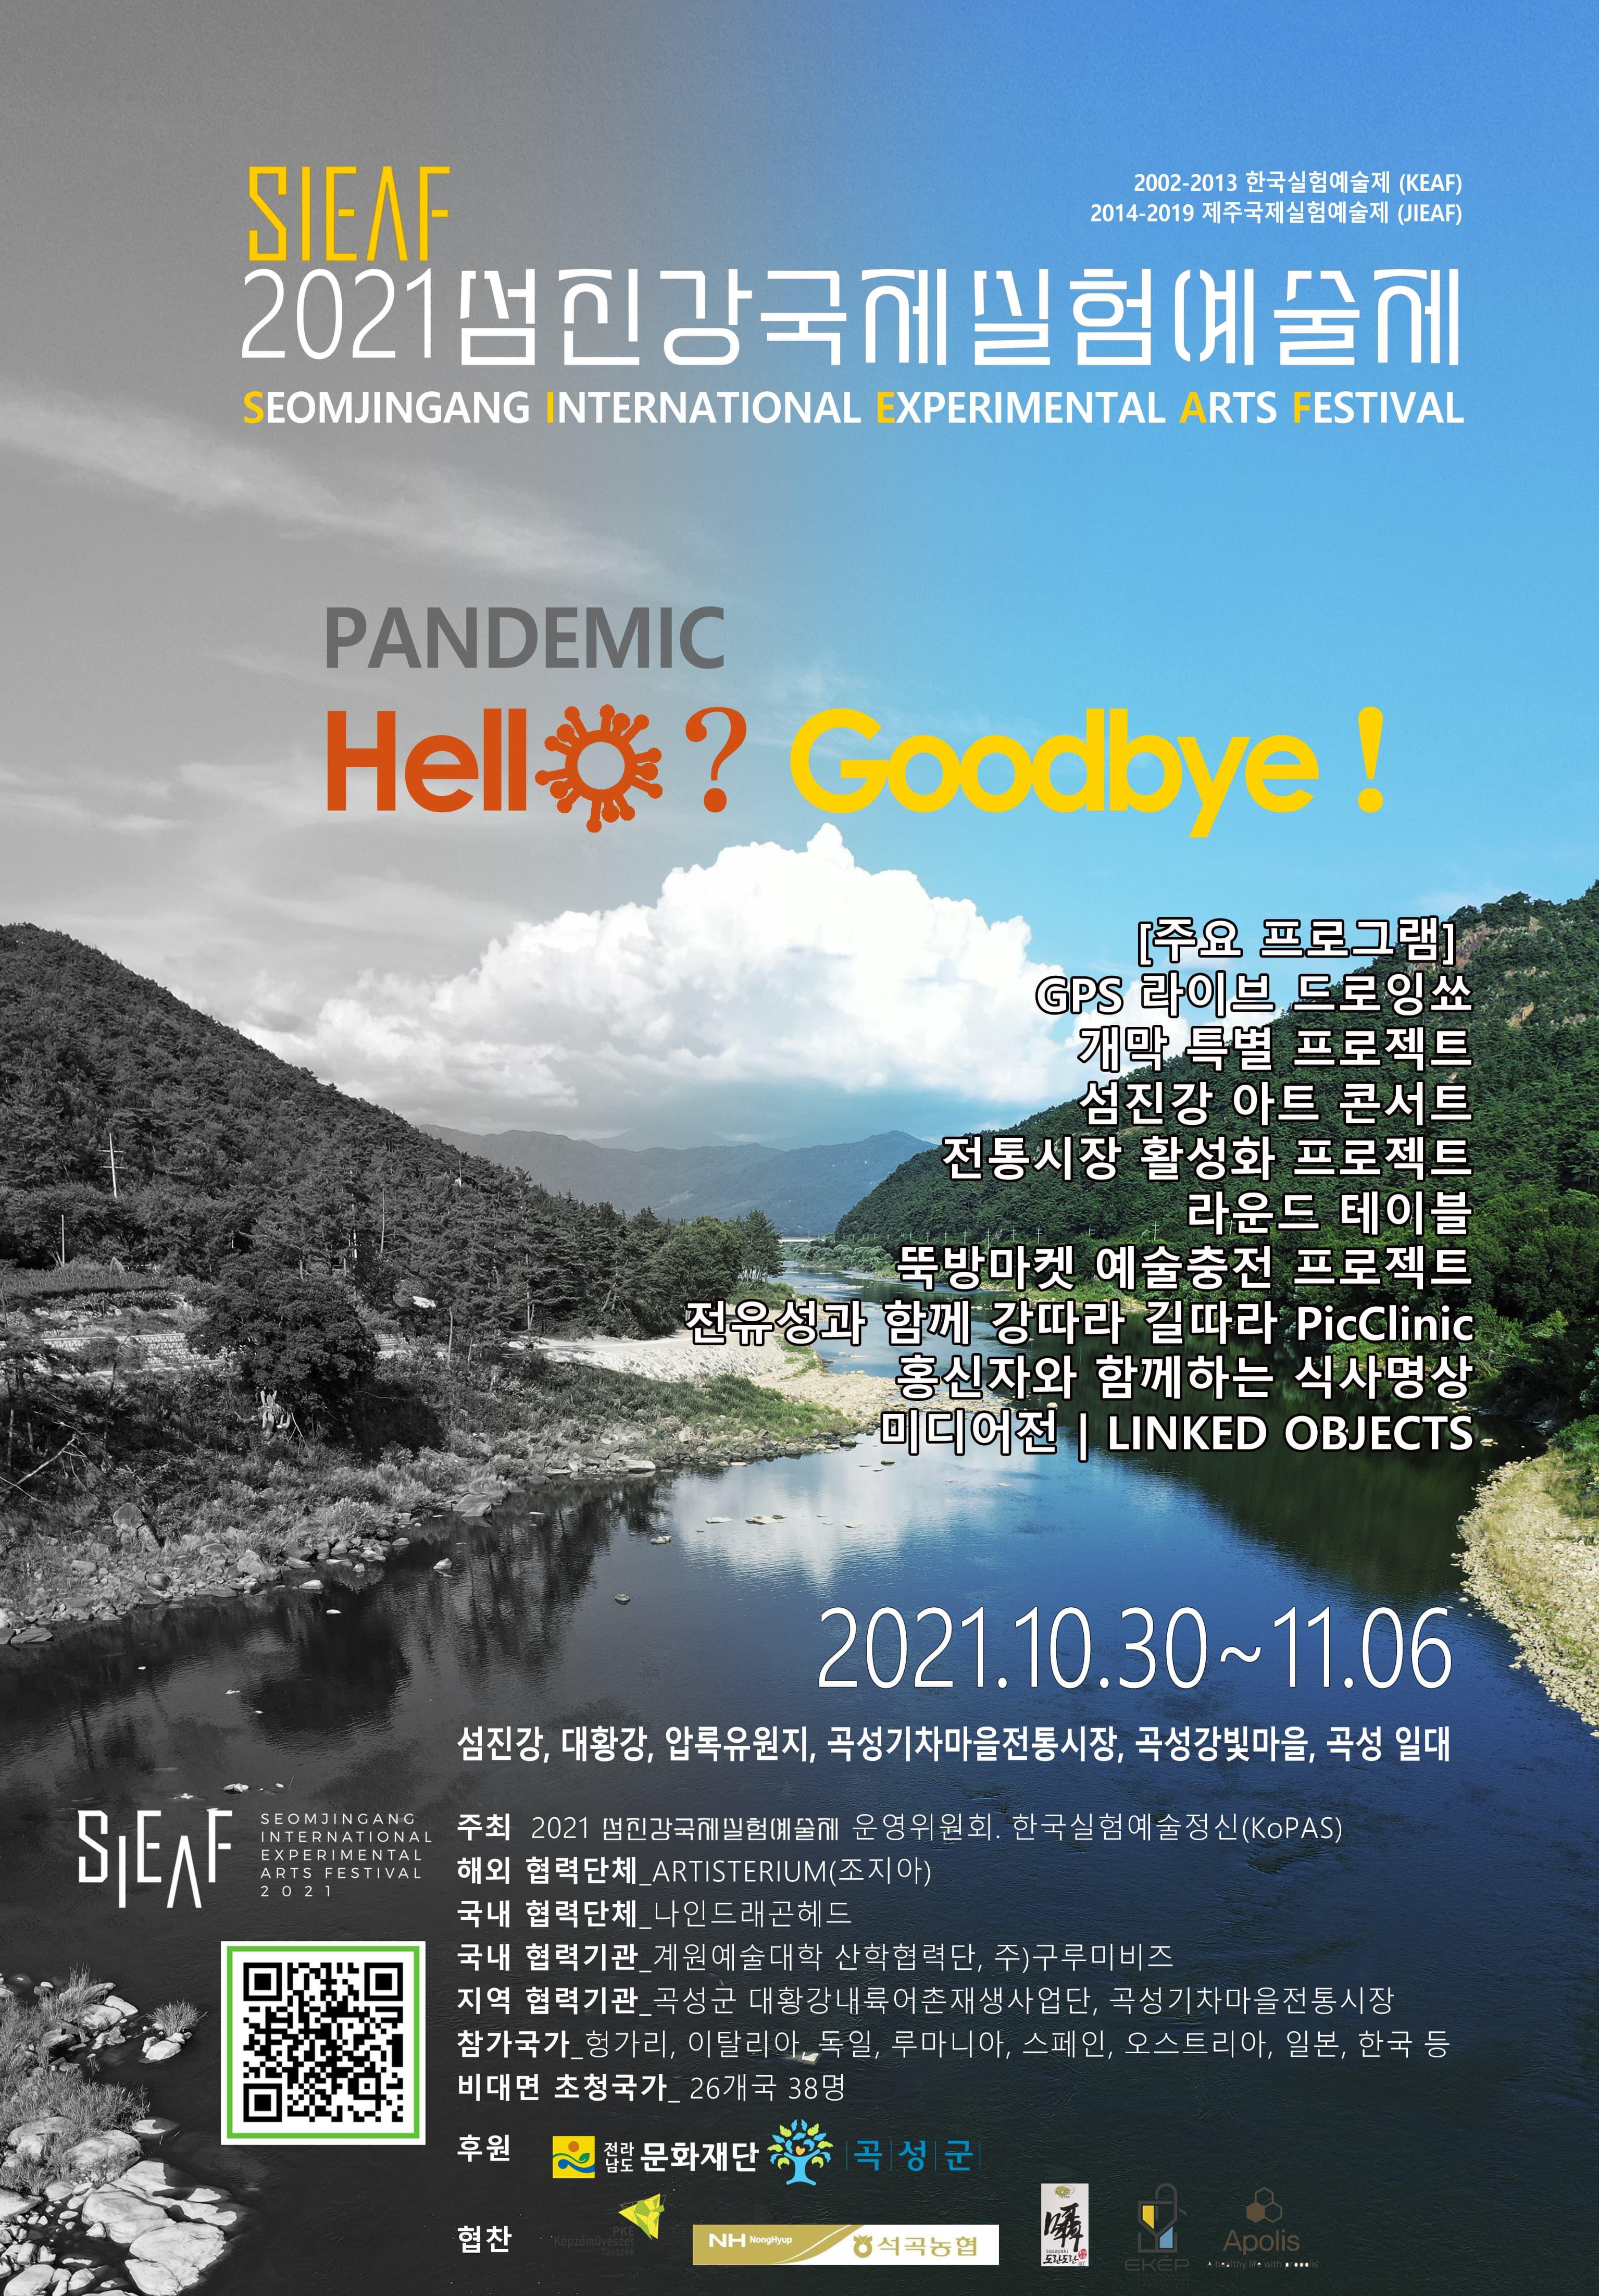 2021 섬진강국제실험예술제 (SIEAF)